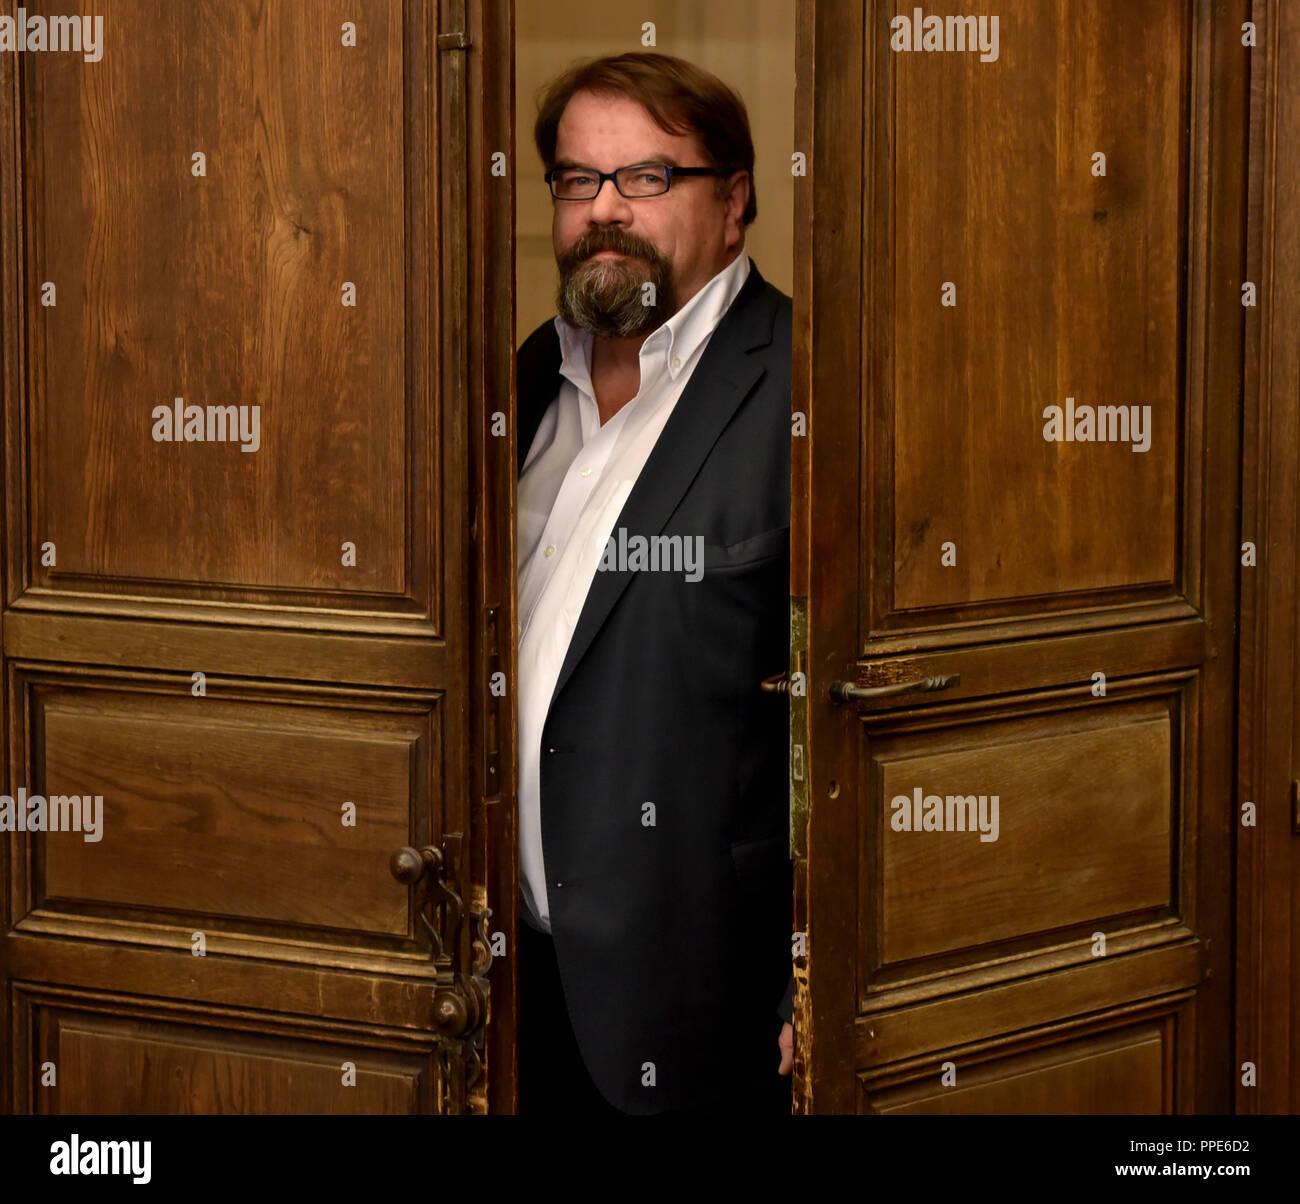 Alfred Holighaus, Präsident des Spitzenorganization der Filmwirtschaft (SPIO) und als solche Veranstalter Der Filmball im Hotel Bayerischer Hof in München. Das Bild zeigt ihn in der Bibliothek des Hotels. Stockbild